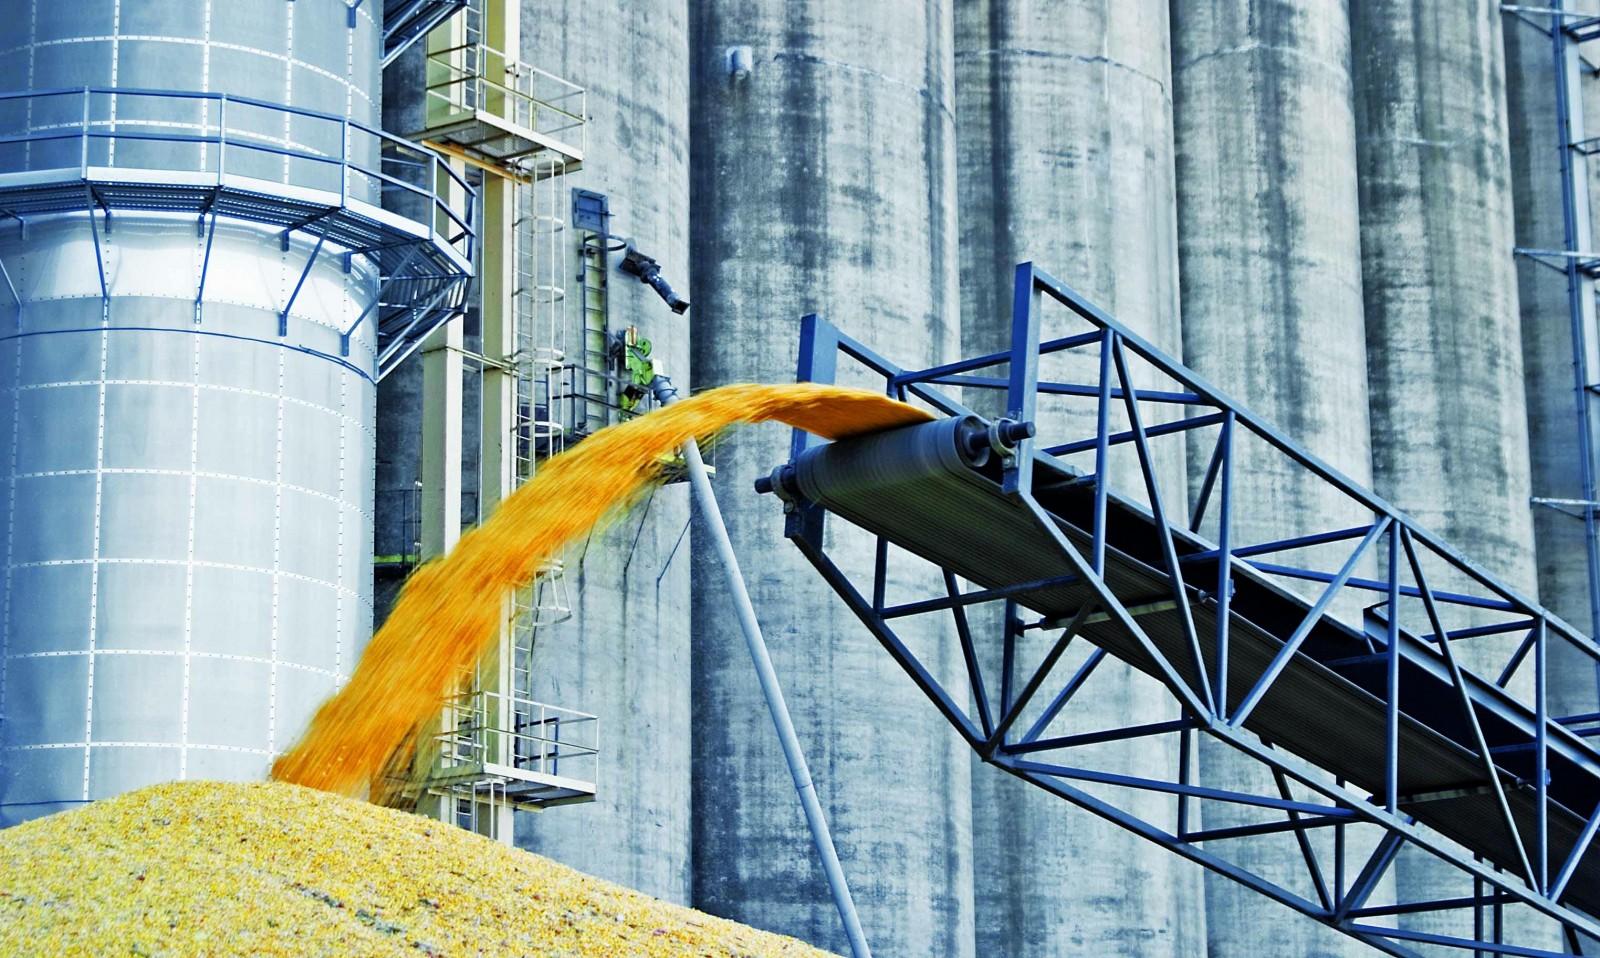 Как происходит процесс перевалки зерна и других грузов, требующих фумигации